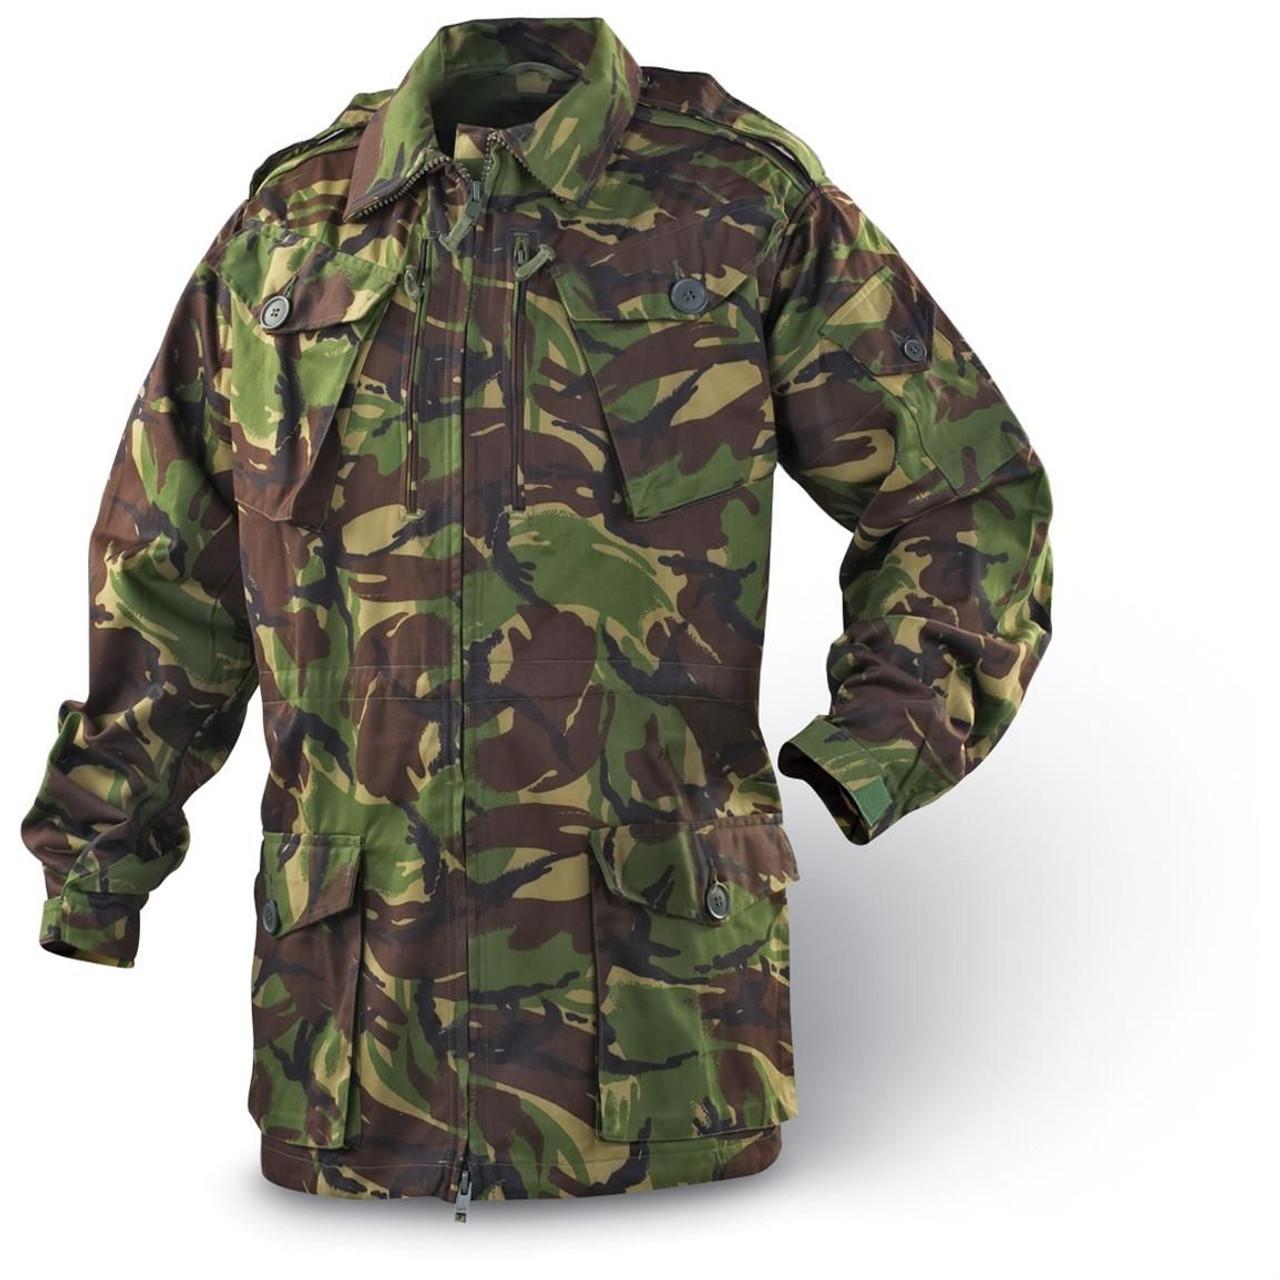 Surplus British DPM Camo Combat Jacket